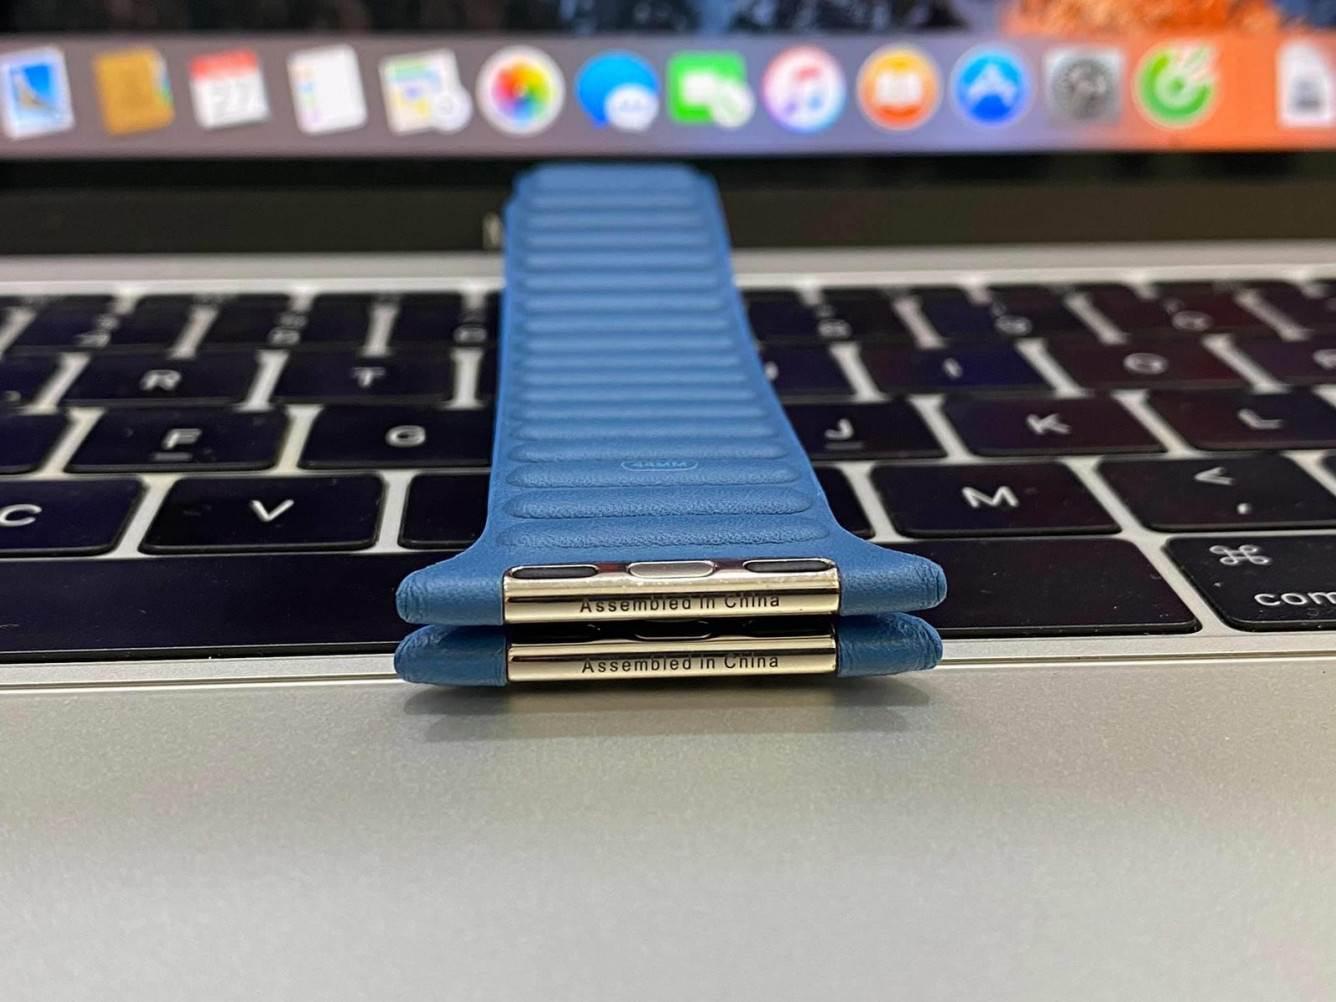 W sieci pojawił się film i zdjęcia nowych skórzanych pasków dla Apple Watch polecane, ciekawostki Wideo, skóra, Apple Watch  Użytkownik Reddit o pseudonimie onewingleft udostępnił zdjęcia nowych skórzanych pasków do zegarka Apple Watch, które firma może wprowadzić w przyszłym miesiącu. applewatchleakedband3